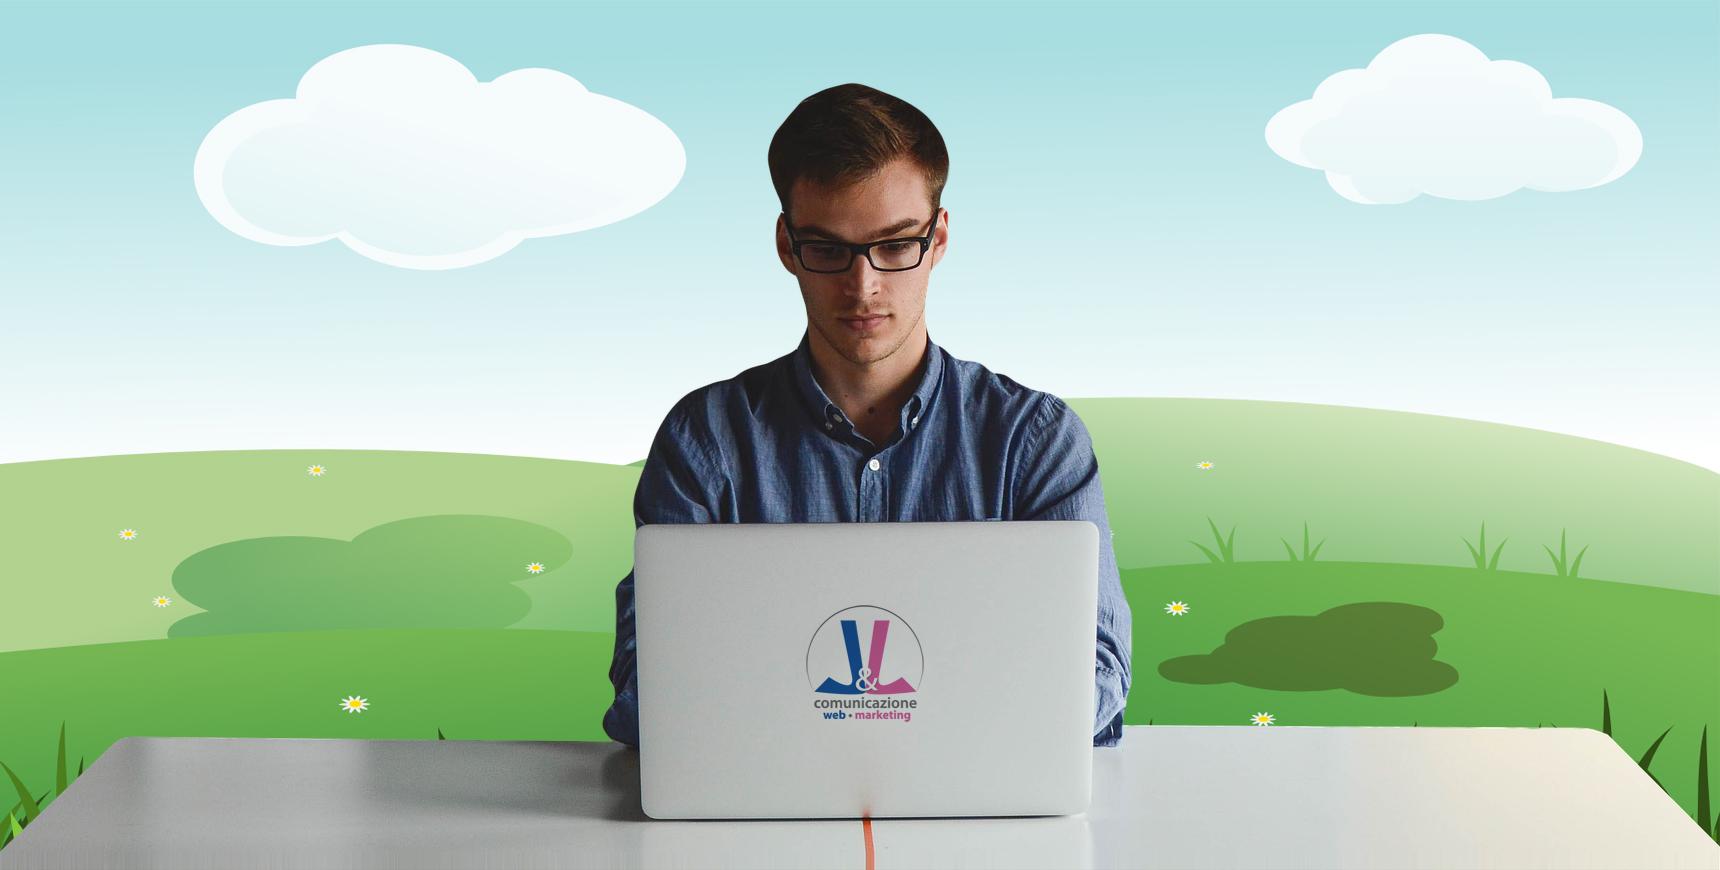 Sviluppo PHP personalizzato - Sviluppatori web Ascoli Piceno